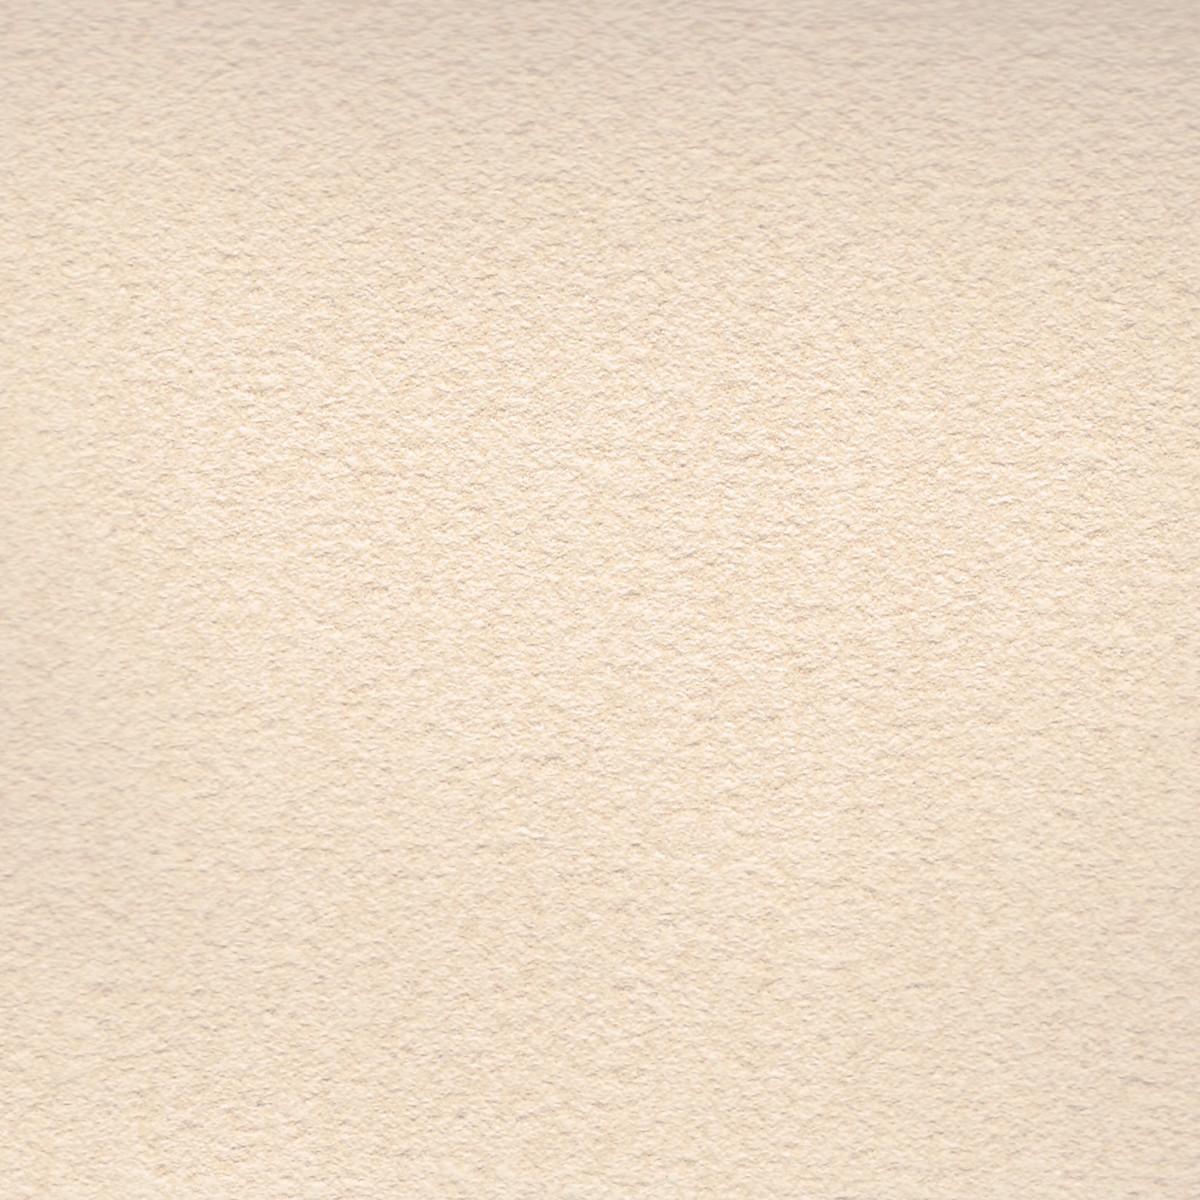 Pittura ad effetto decorativo vento di sabbia deserto 3 l for Tecniche di pittura pareti sabbiato